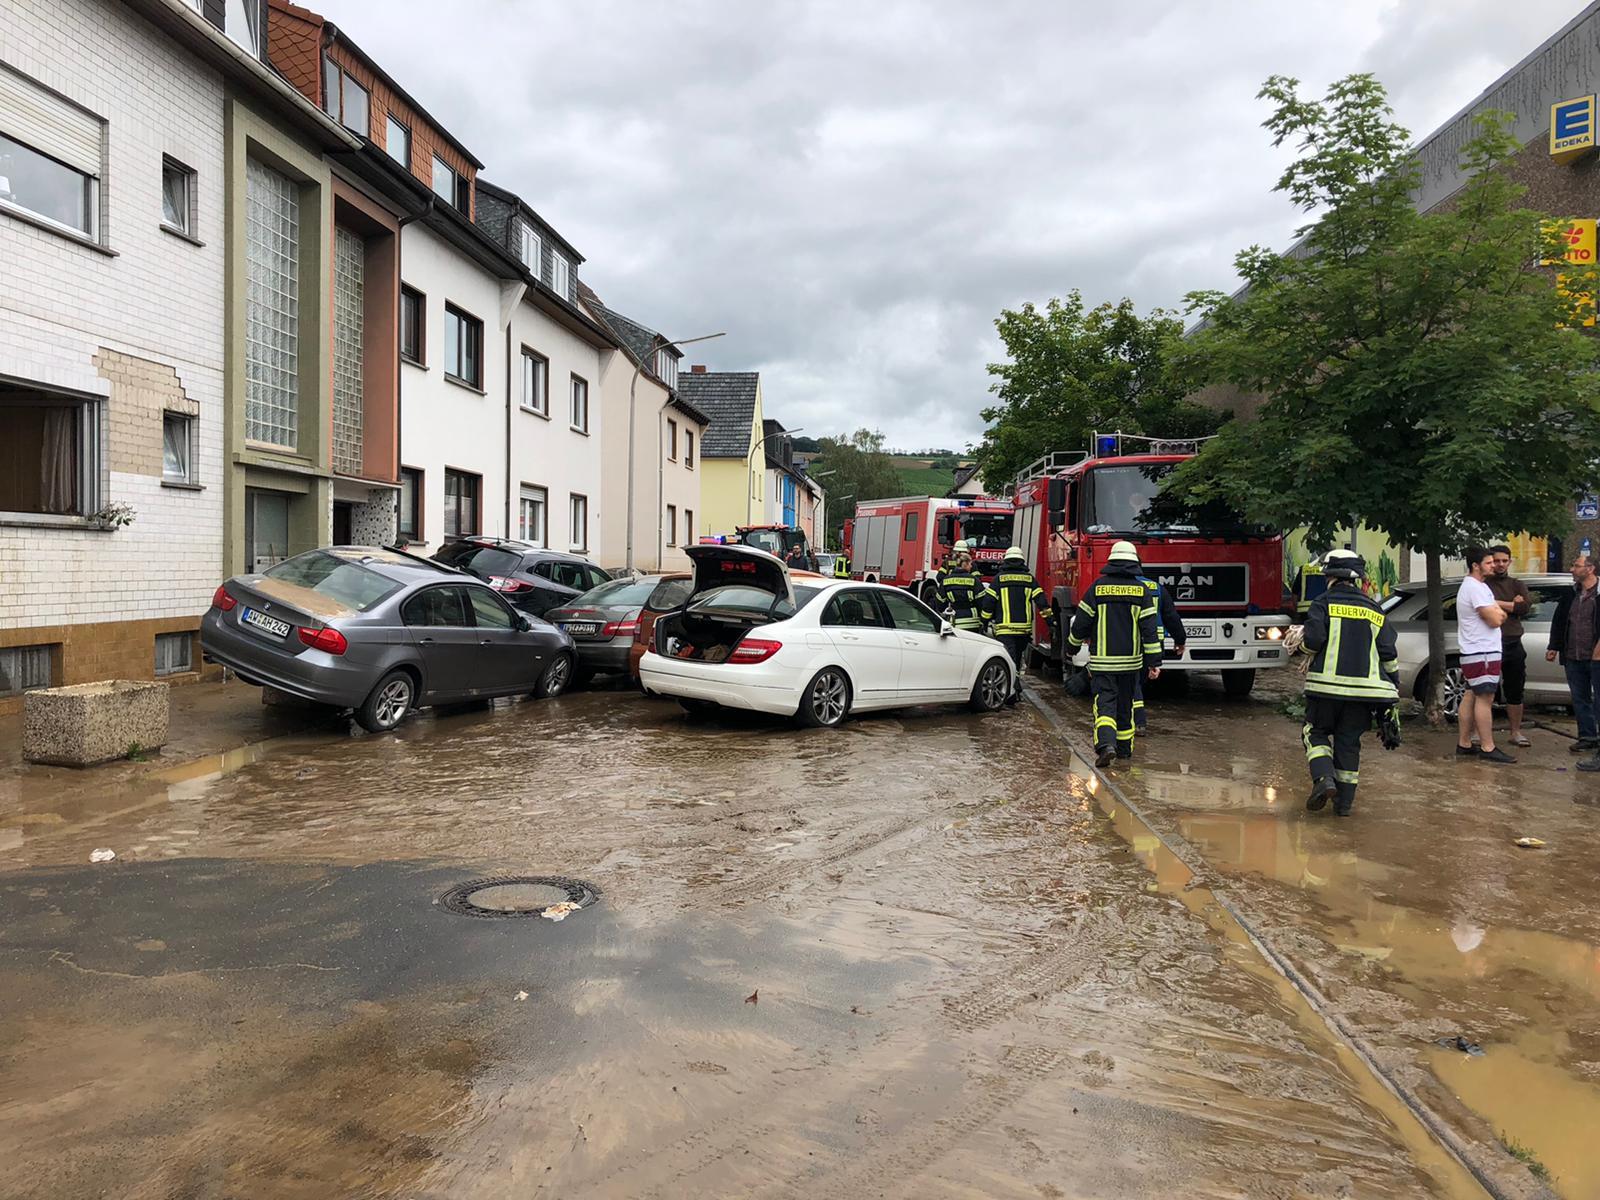 Feuerwehren aus dem Landkreis AK sind wieder in ihren Standorten